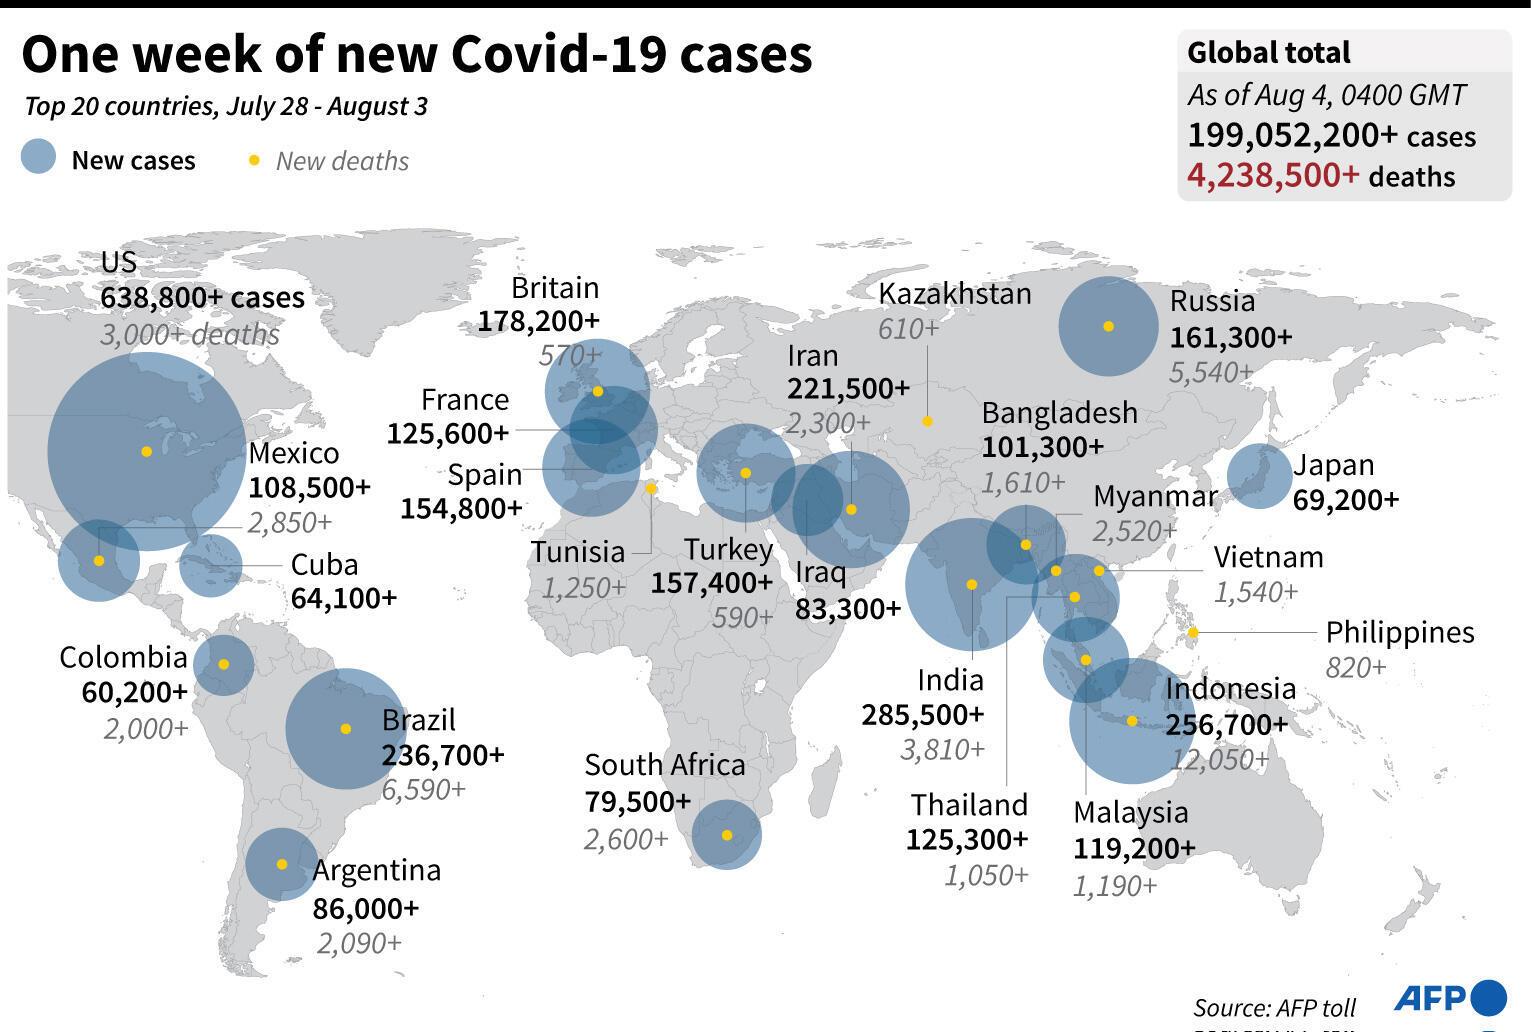 Nouveaux cas Govt-19 par semaine